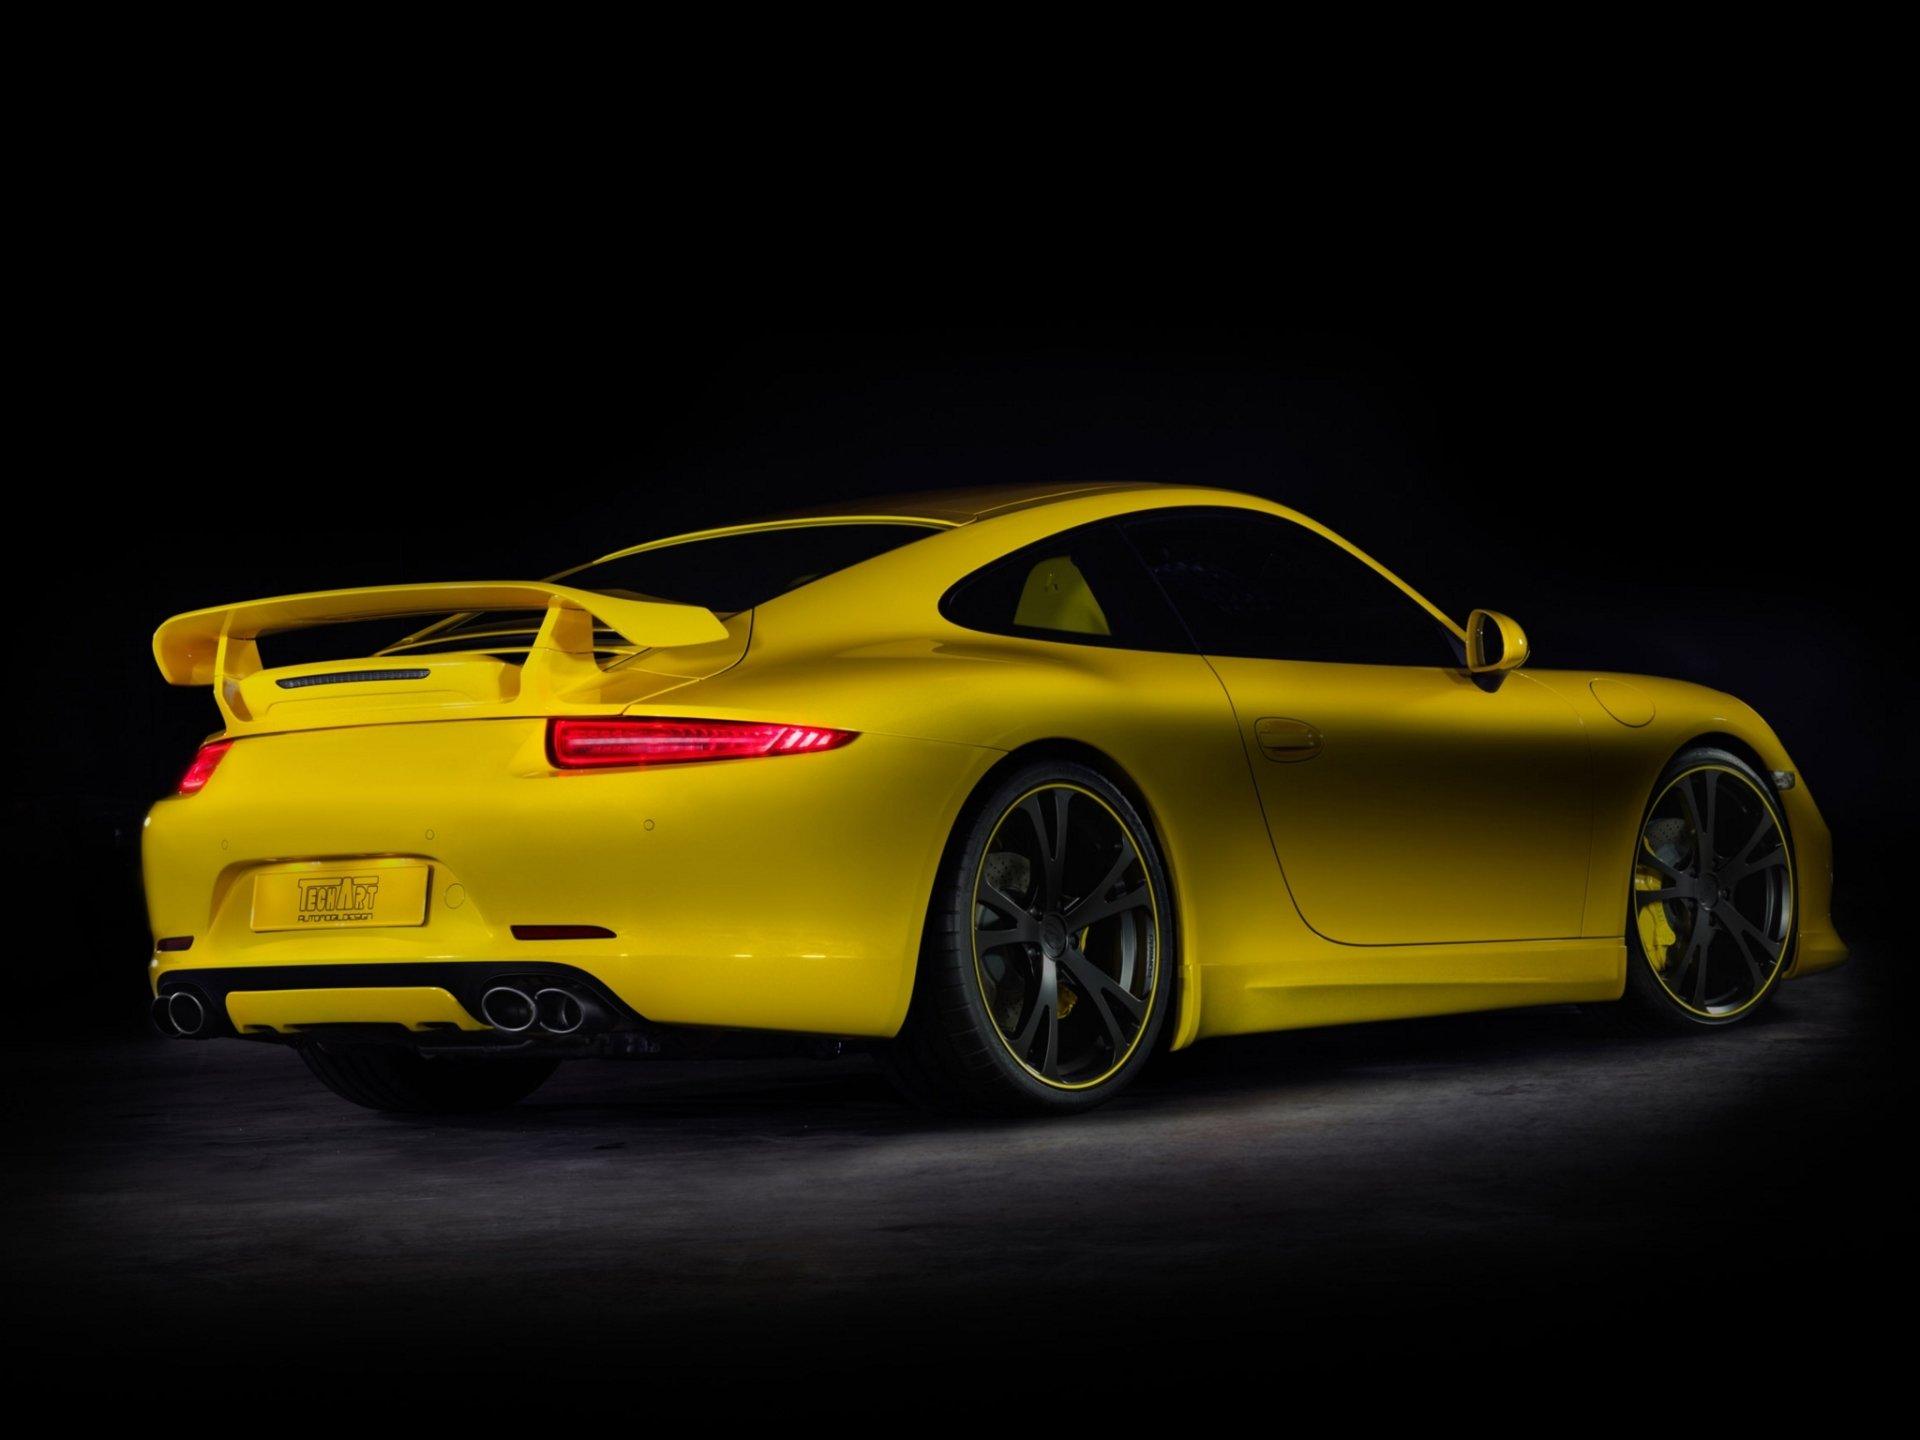 Techart Porsche 911 Carrera S Coupe 991 2012 Fondo De